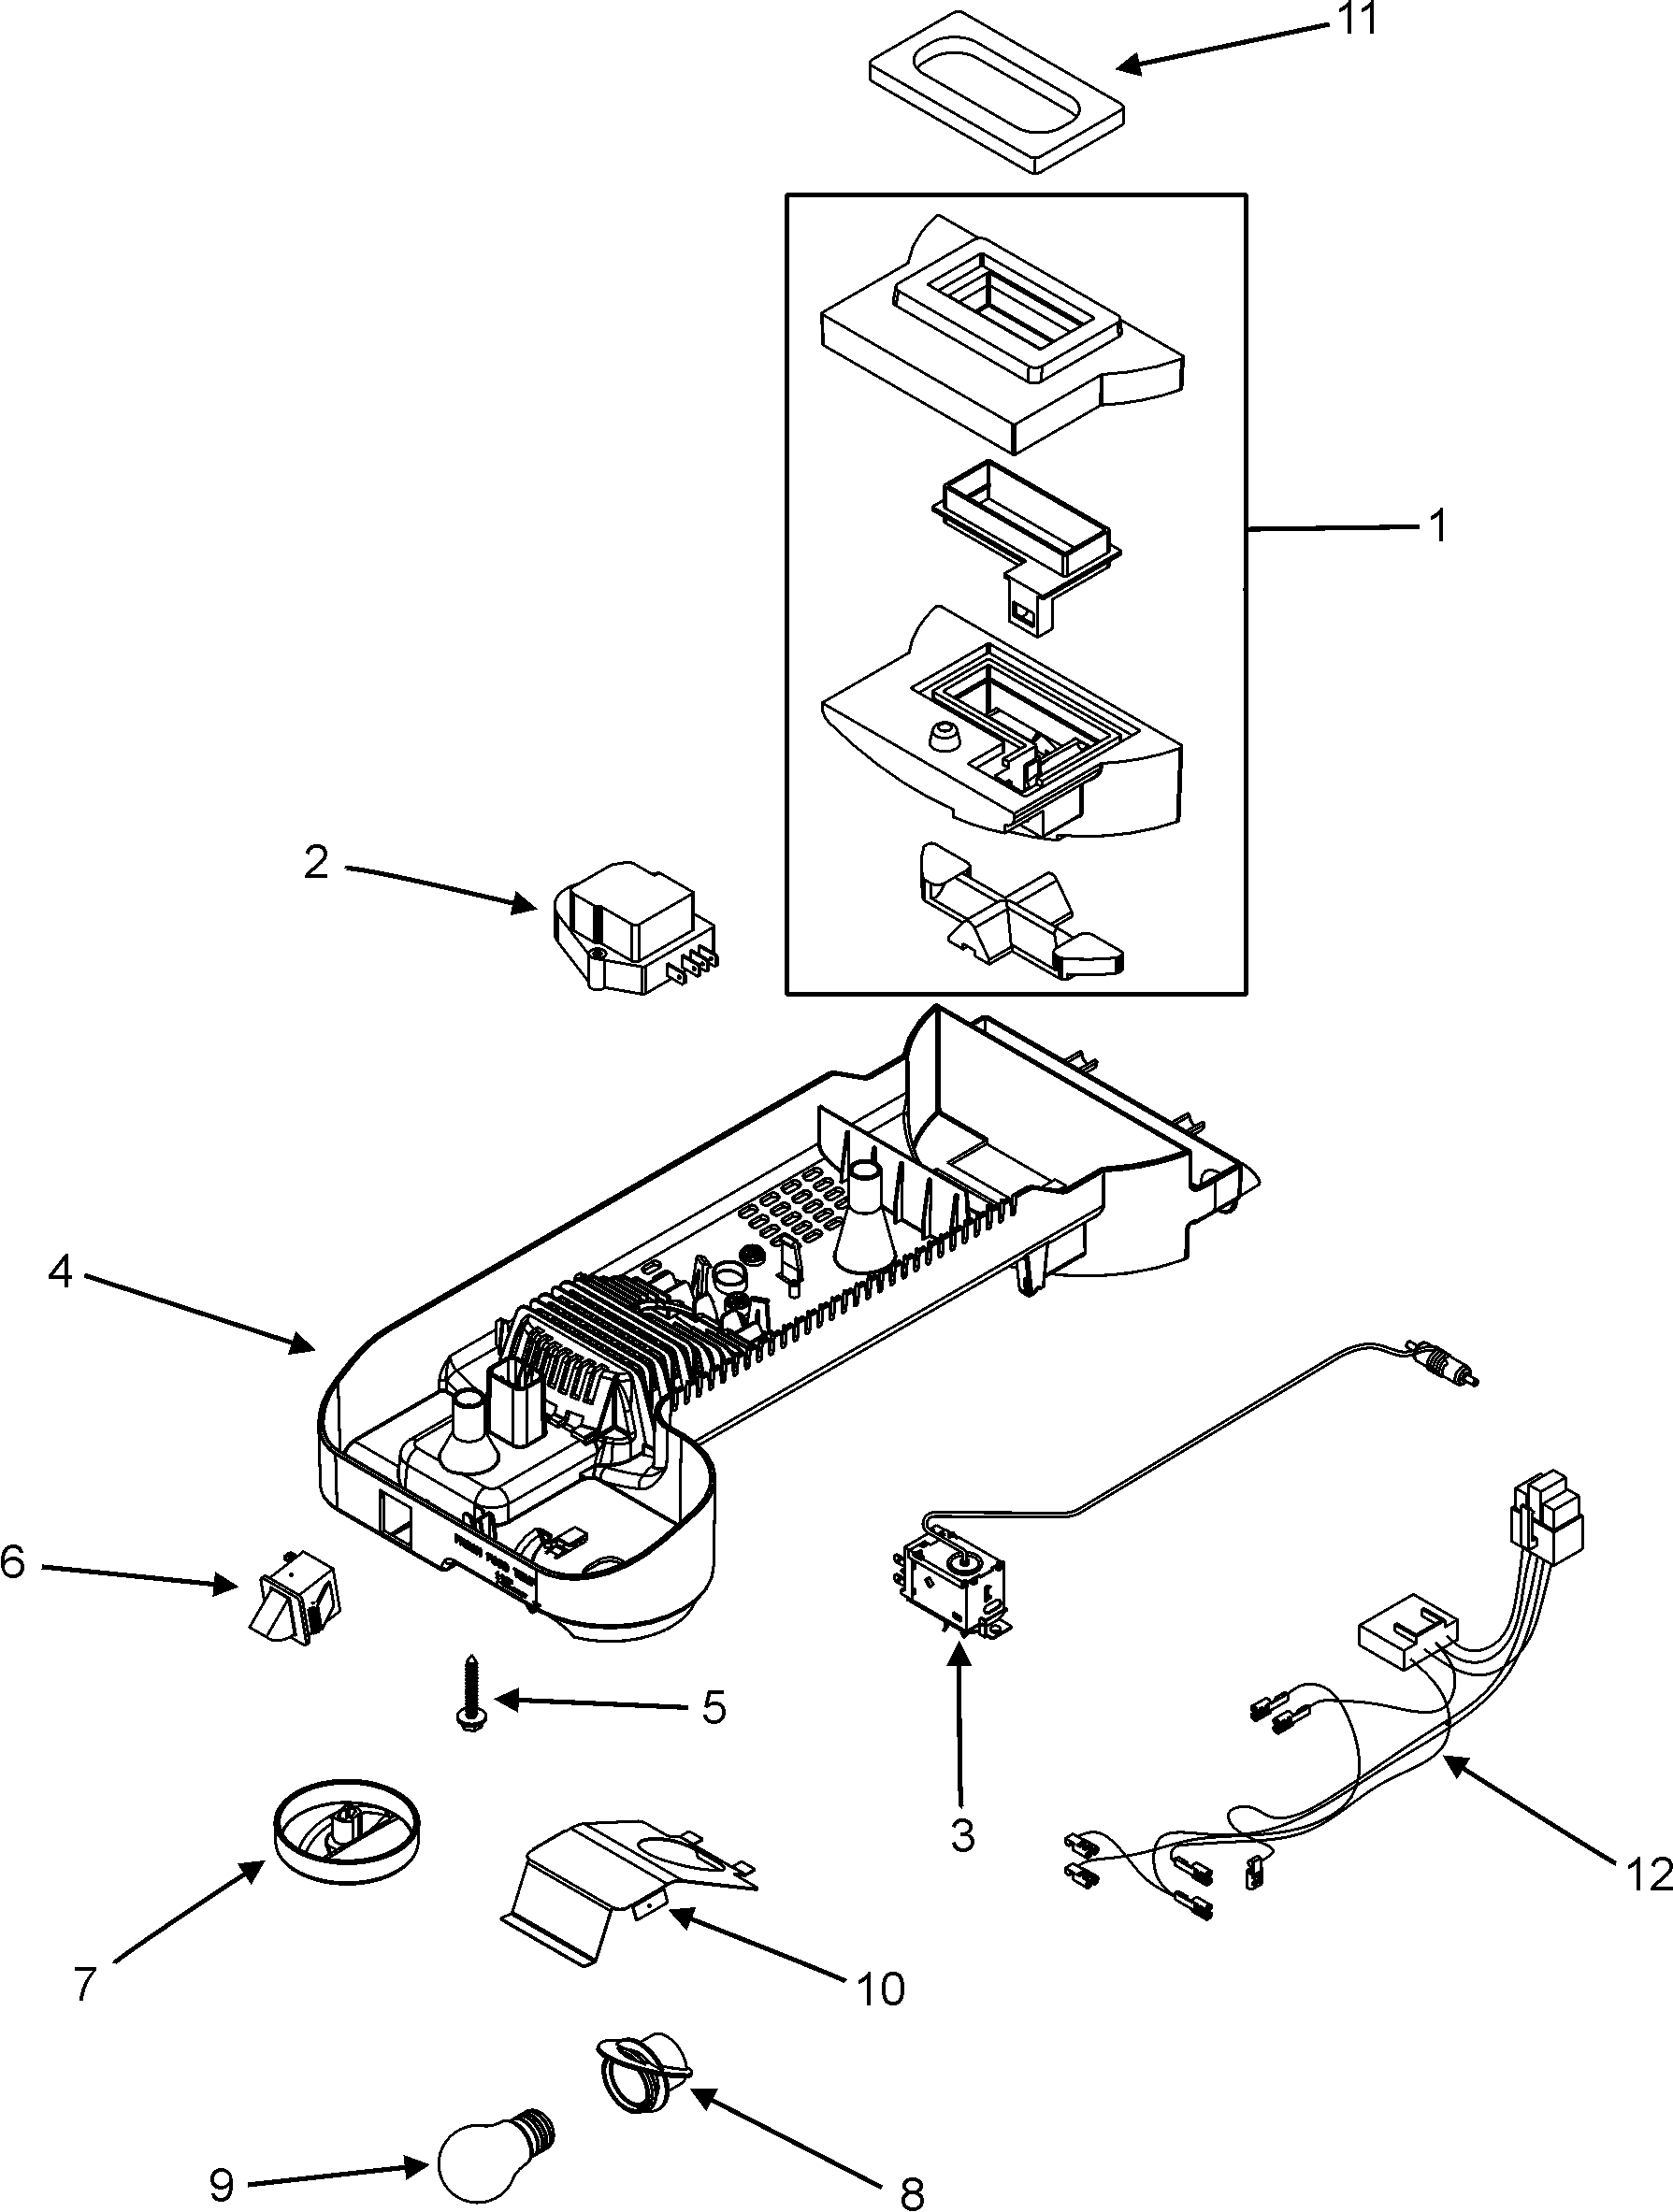 maytag refrigerator schematic [ 1789 x 2366 Pixel ]